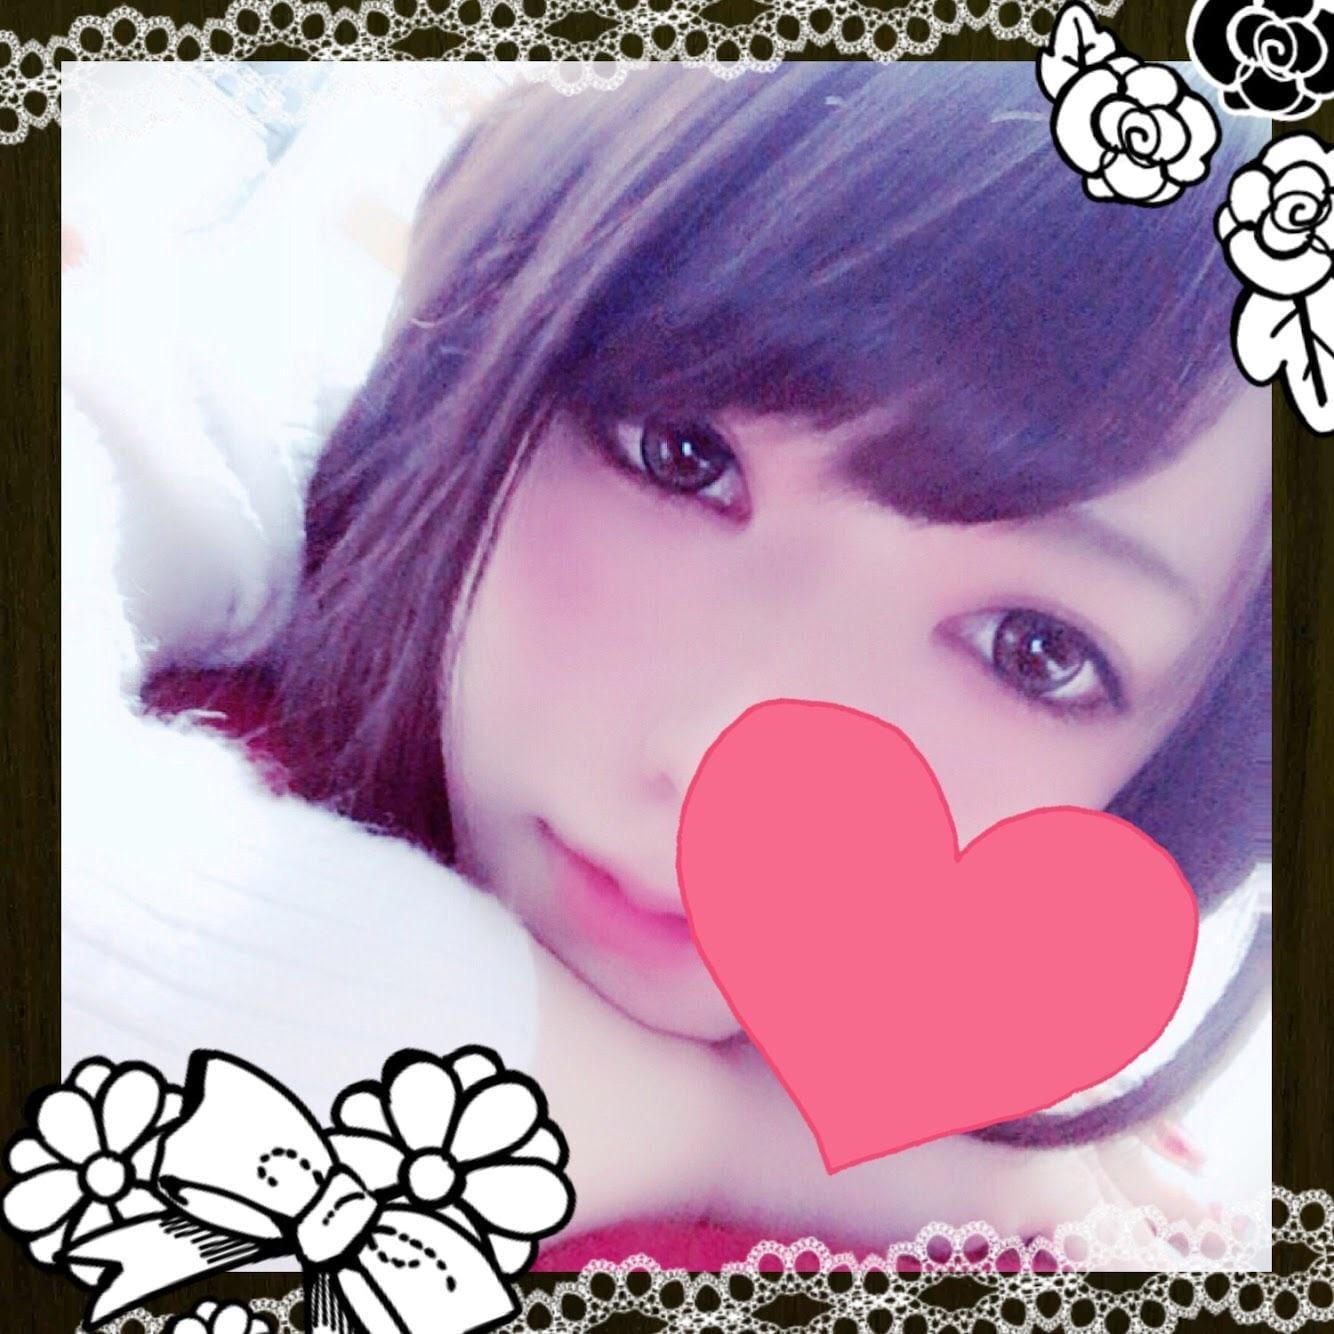 「*不眠マン*」12/11(12/11) 13:28 | じぇむの写メ・風俗動画